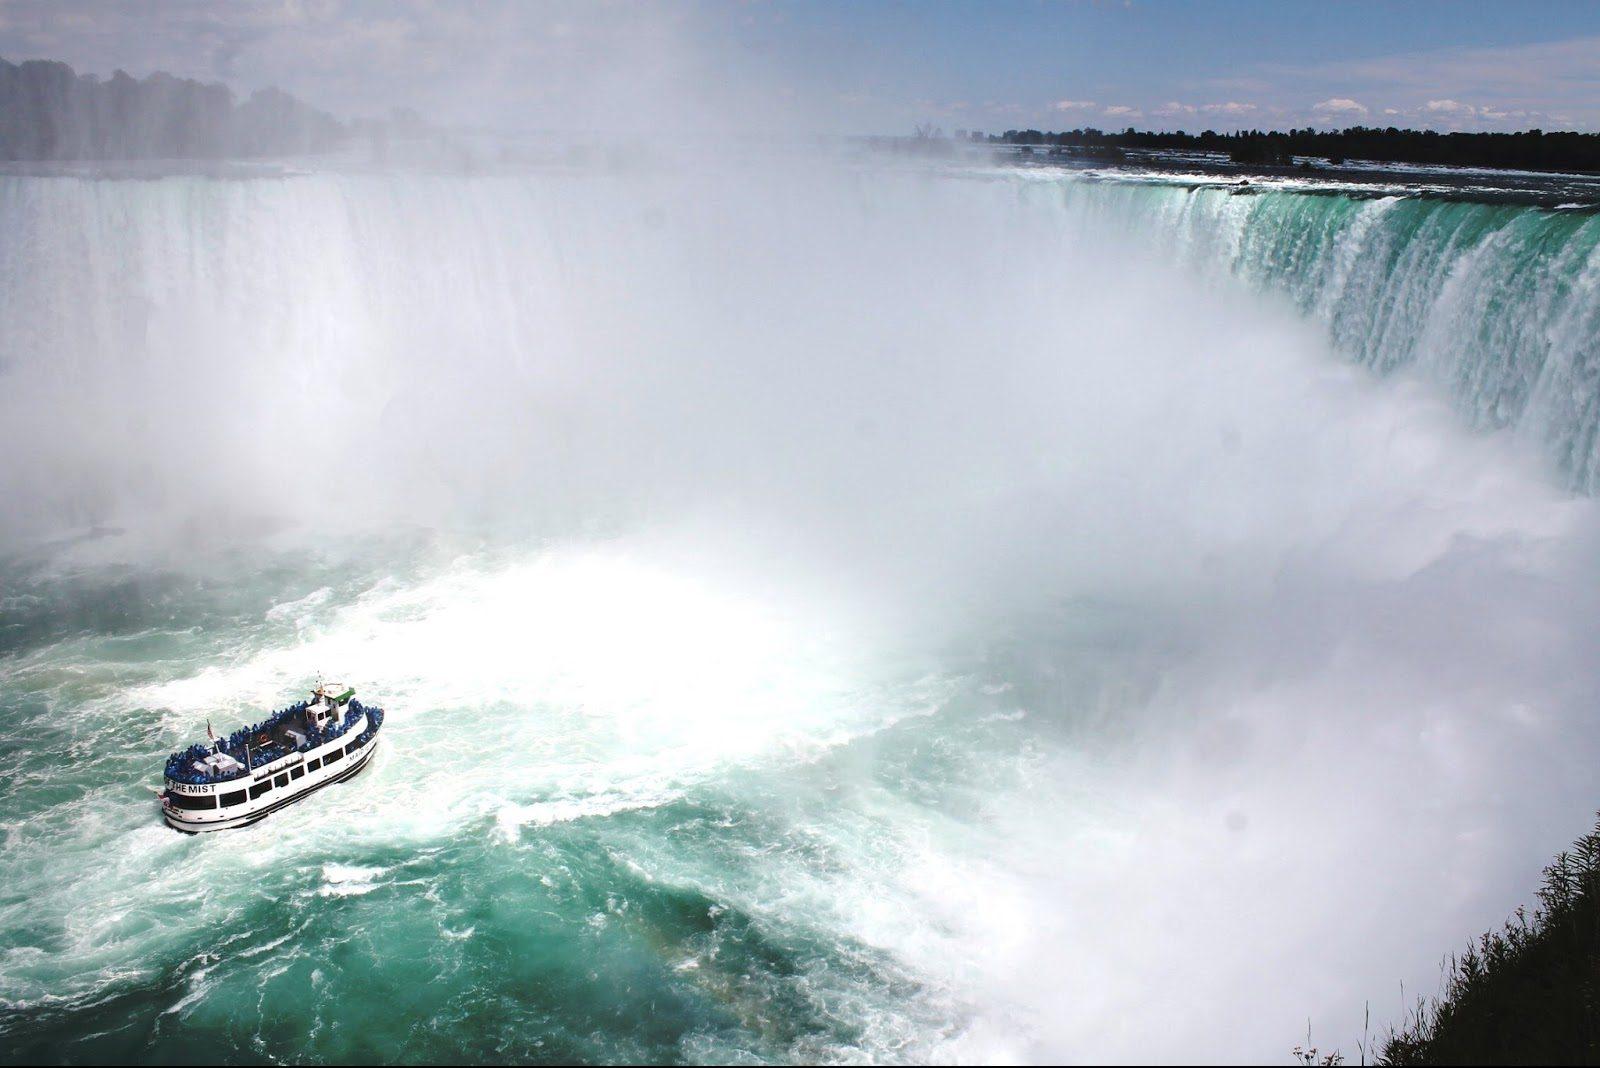 Informazioni utili per visitare le Cascate del Niagara